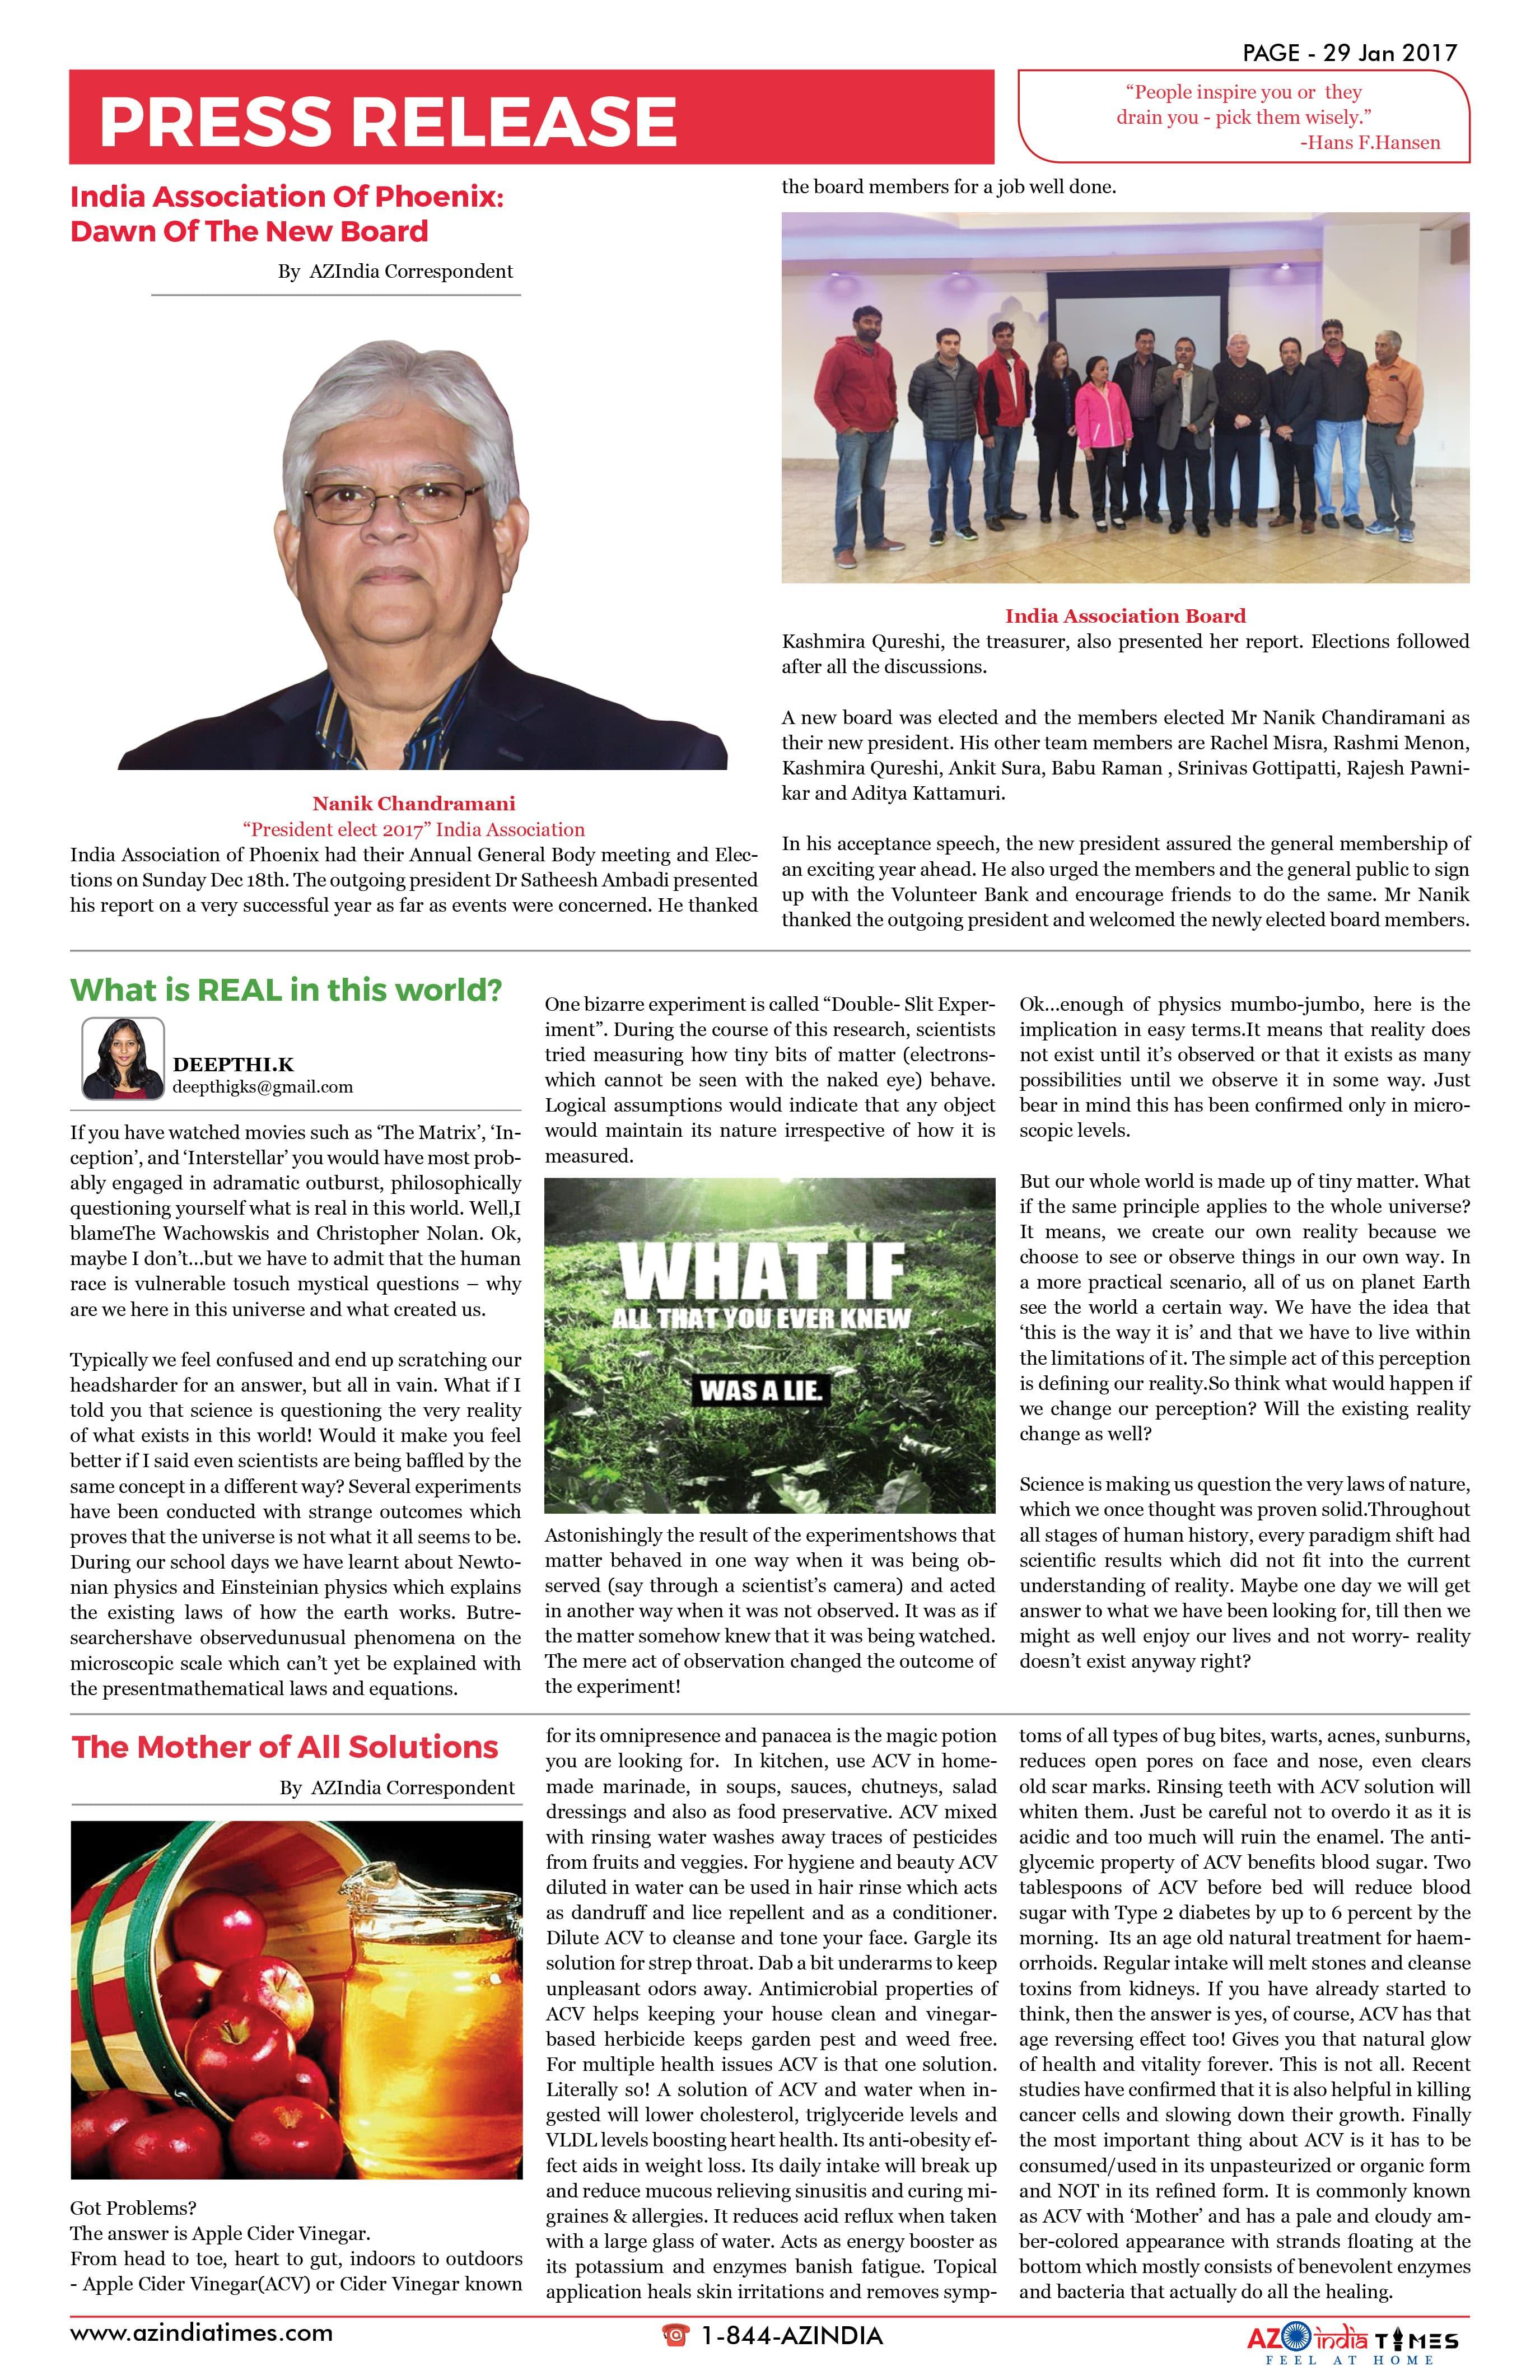 AZ INDIA JANUARY EDITION-29